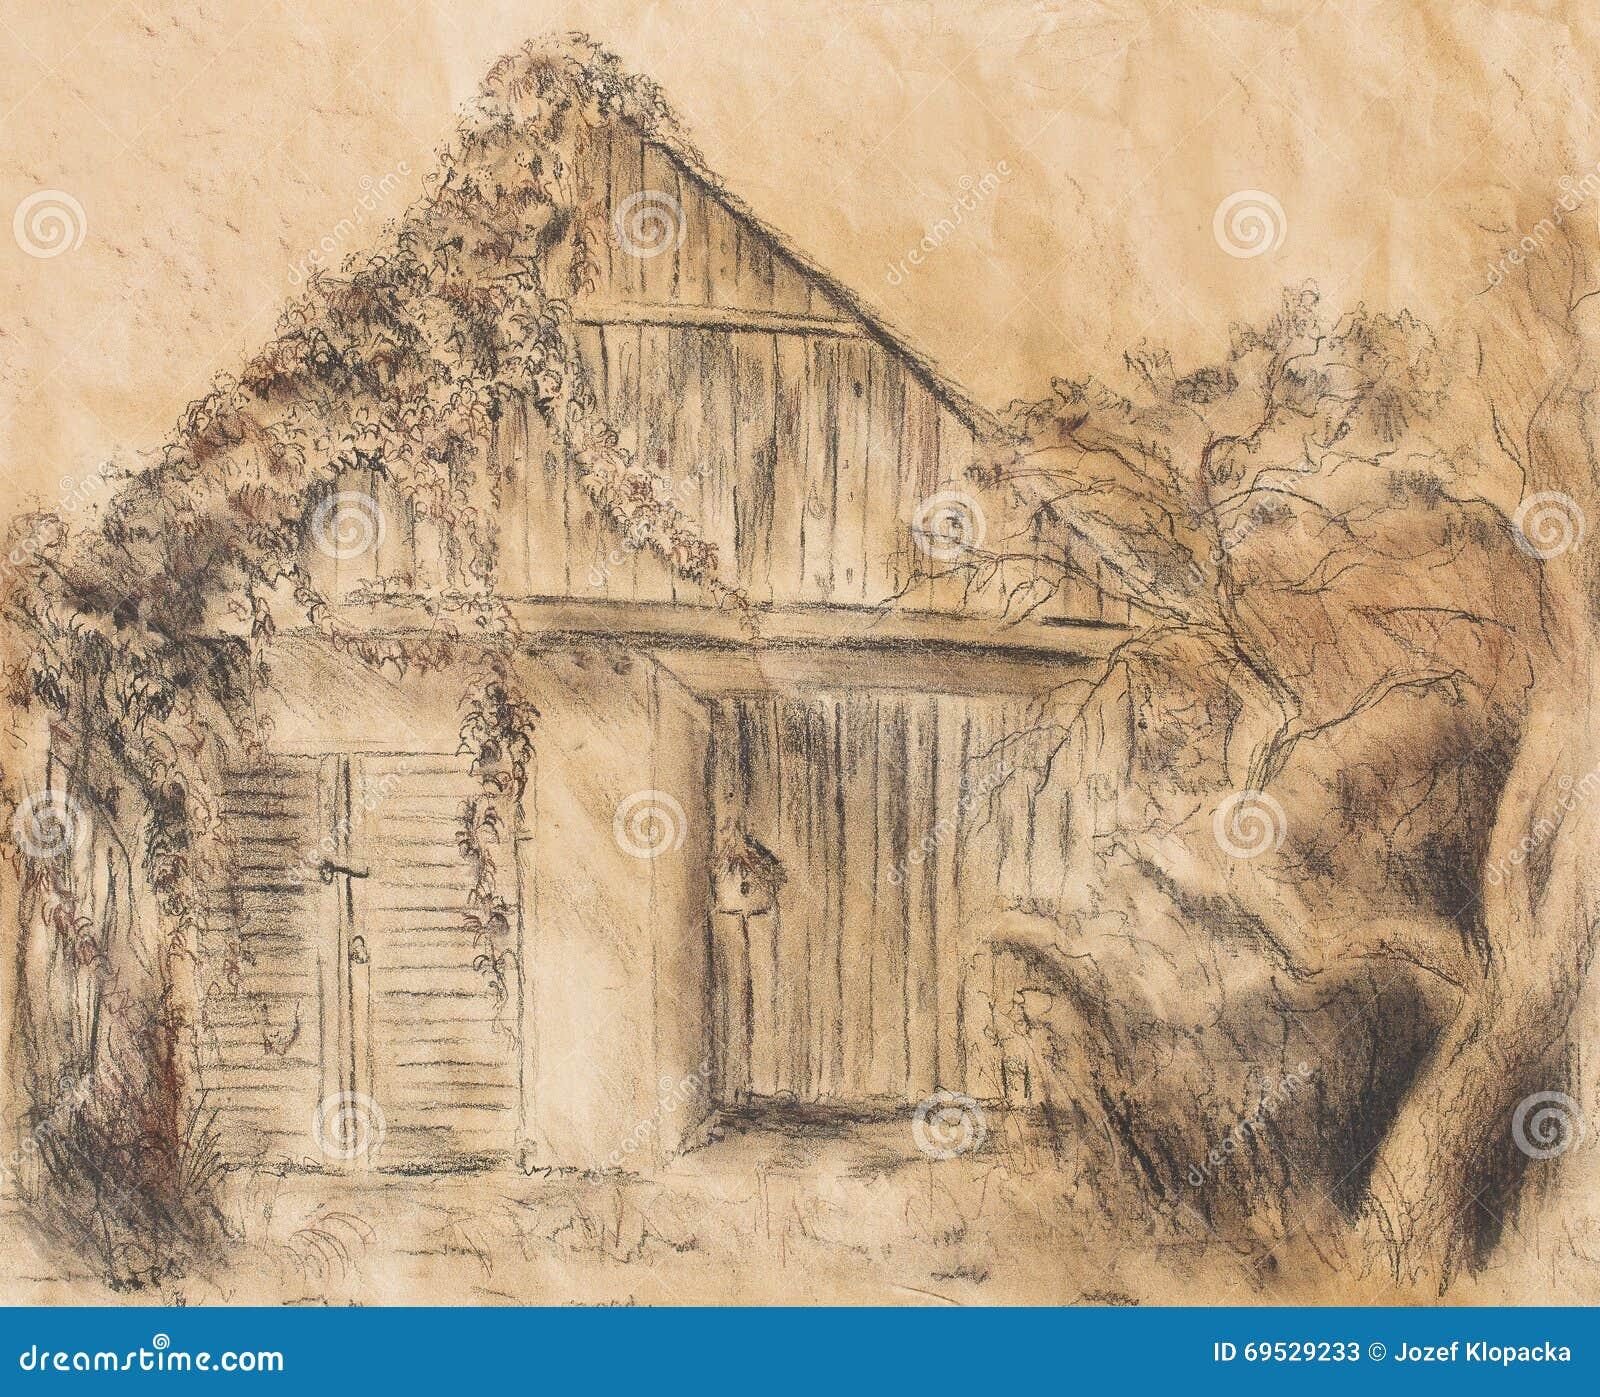 Dessin de main de cottage et vigne sauvage Draving sur le vieux papier